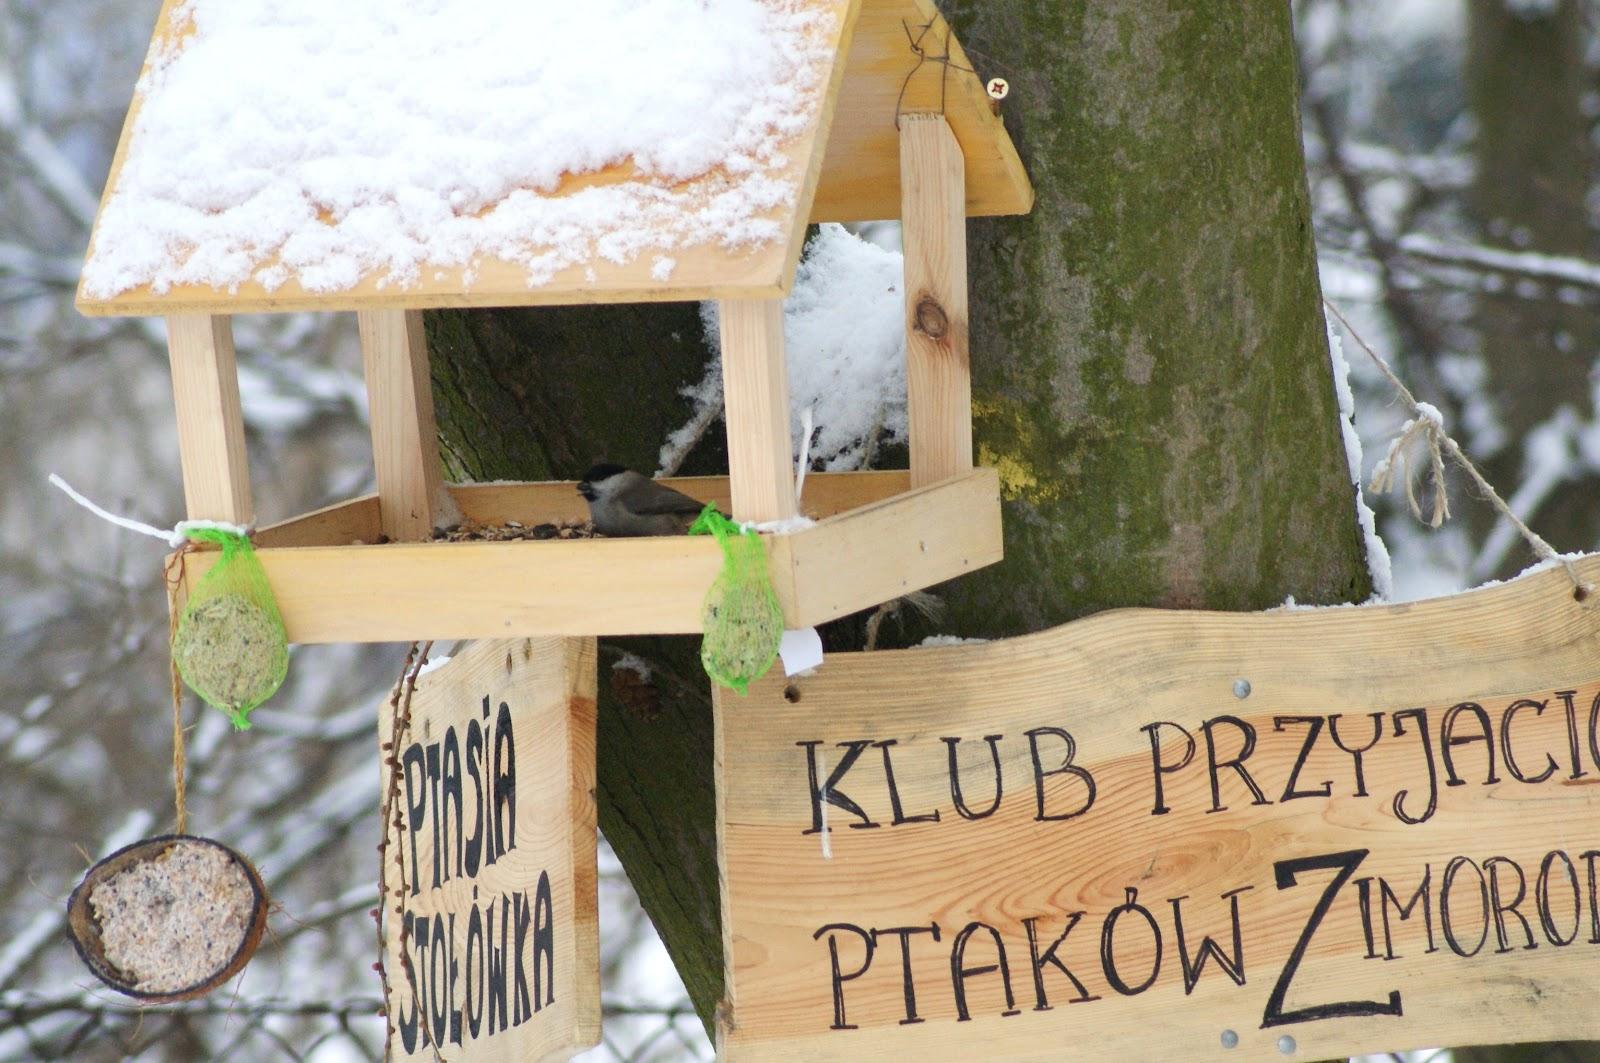 Klub Przyjaciół Ptaków Zimorodek 2012